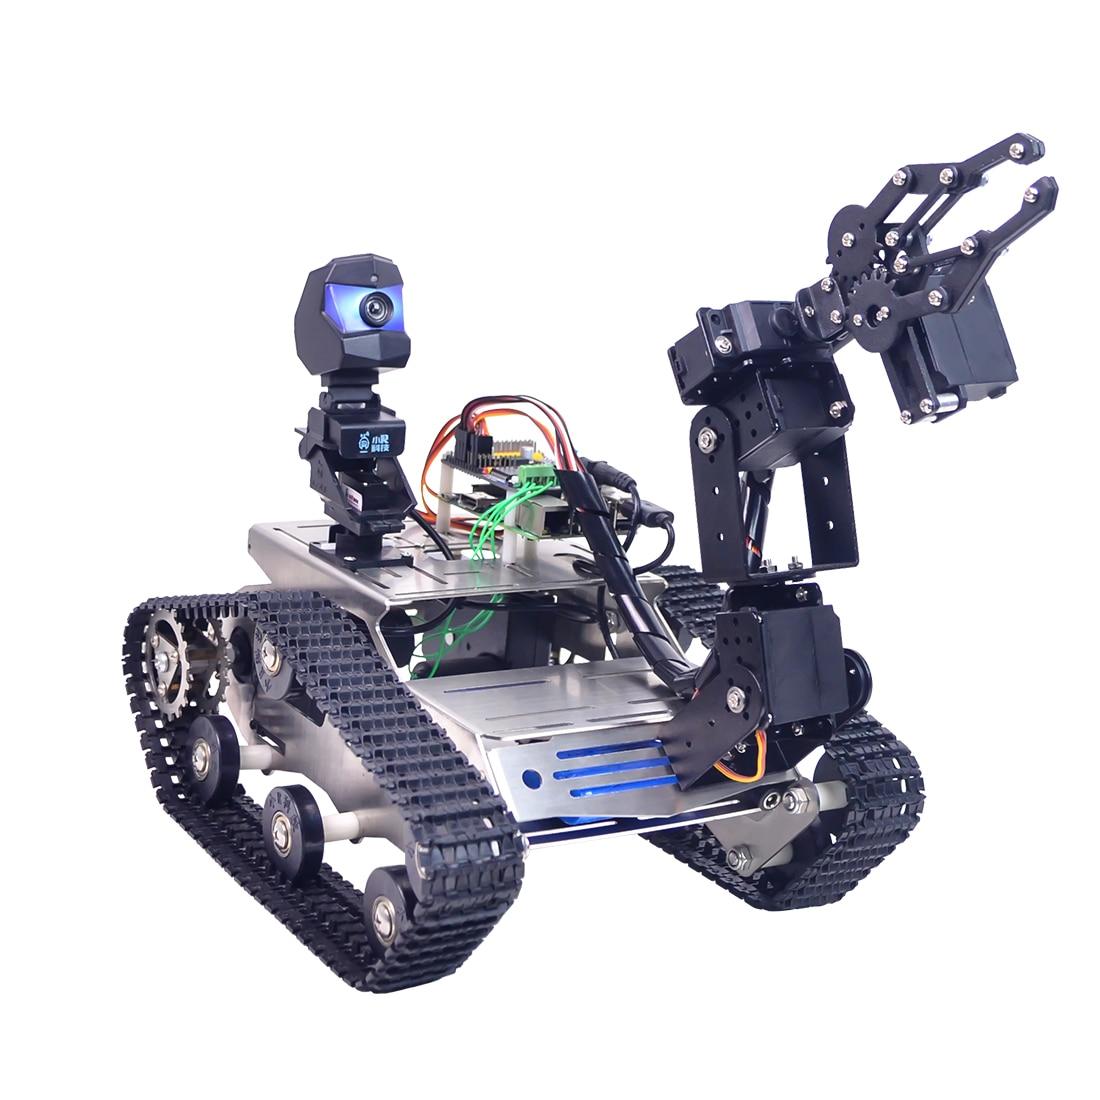 Kit de voiture Robot réservoir FPV WiFi Bluetooth Programmable avec bras pour framboise Pi 3B +-Version Standard petite griffe